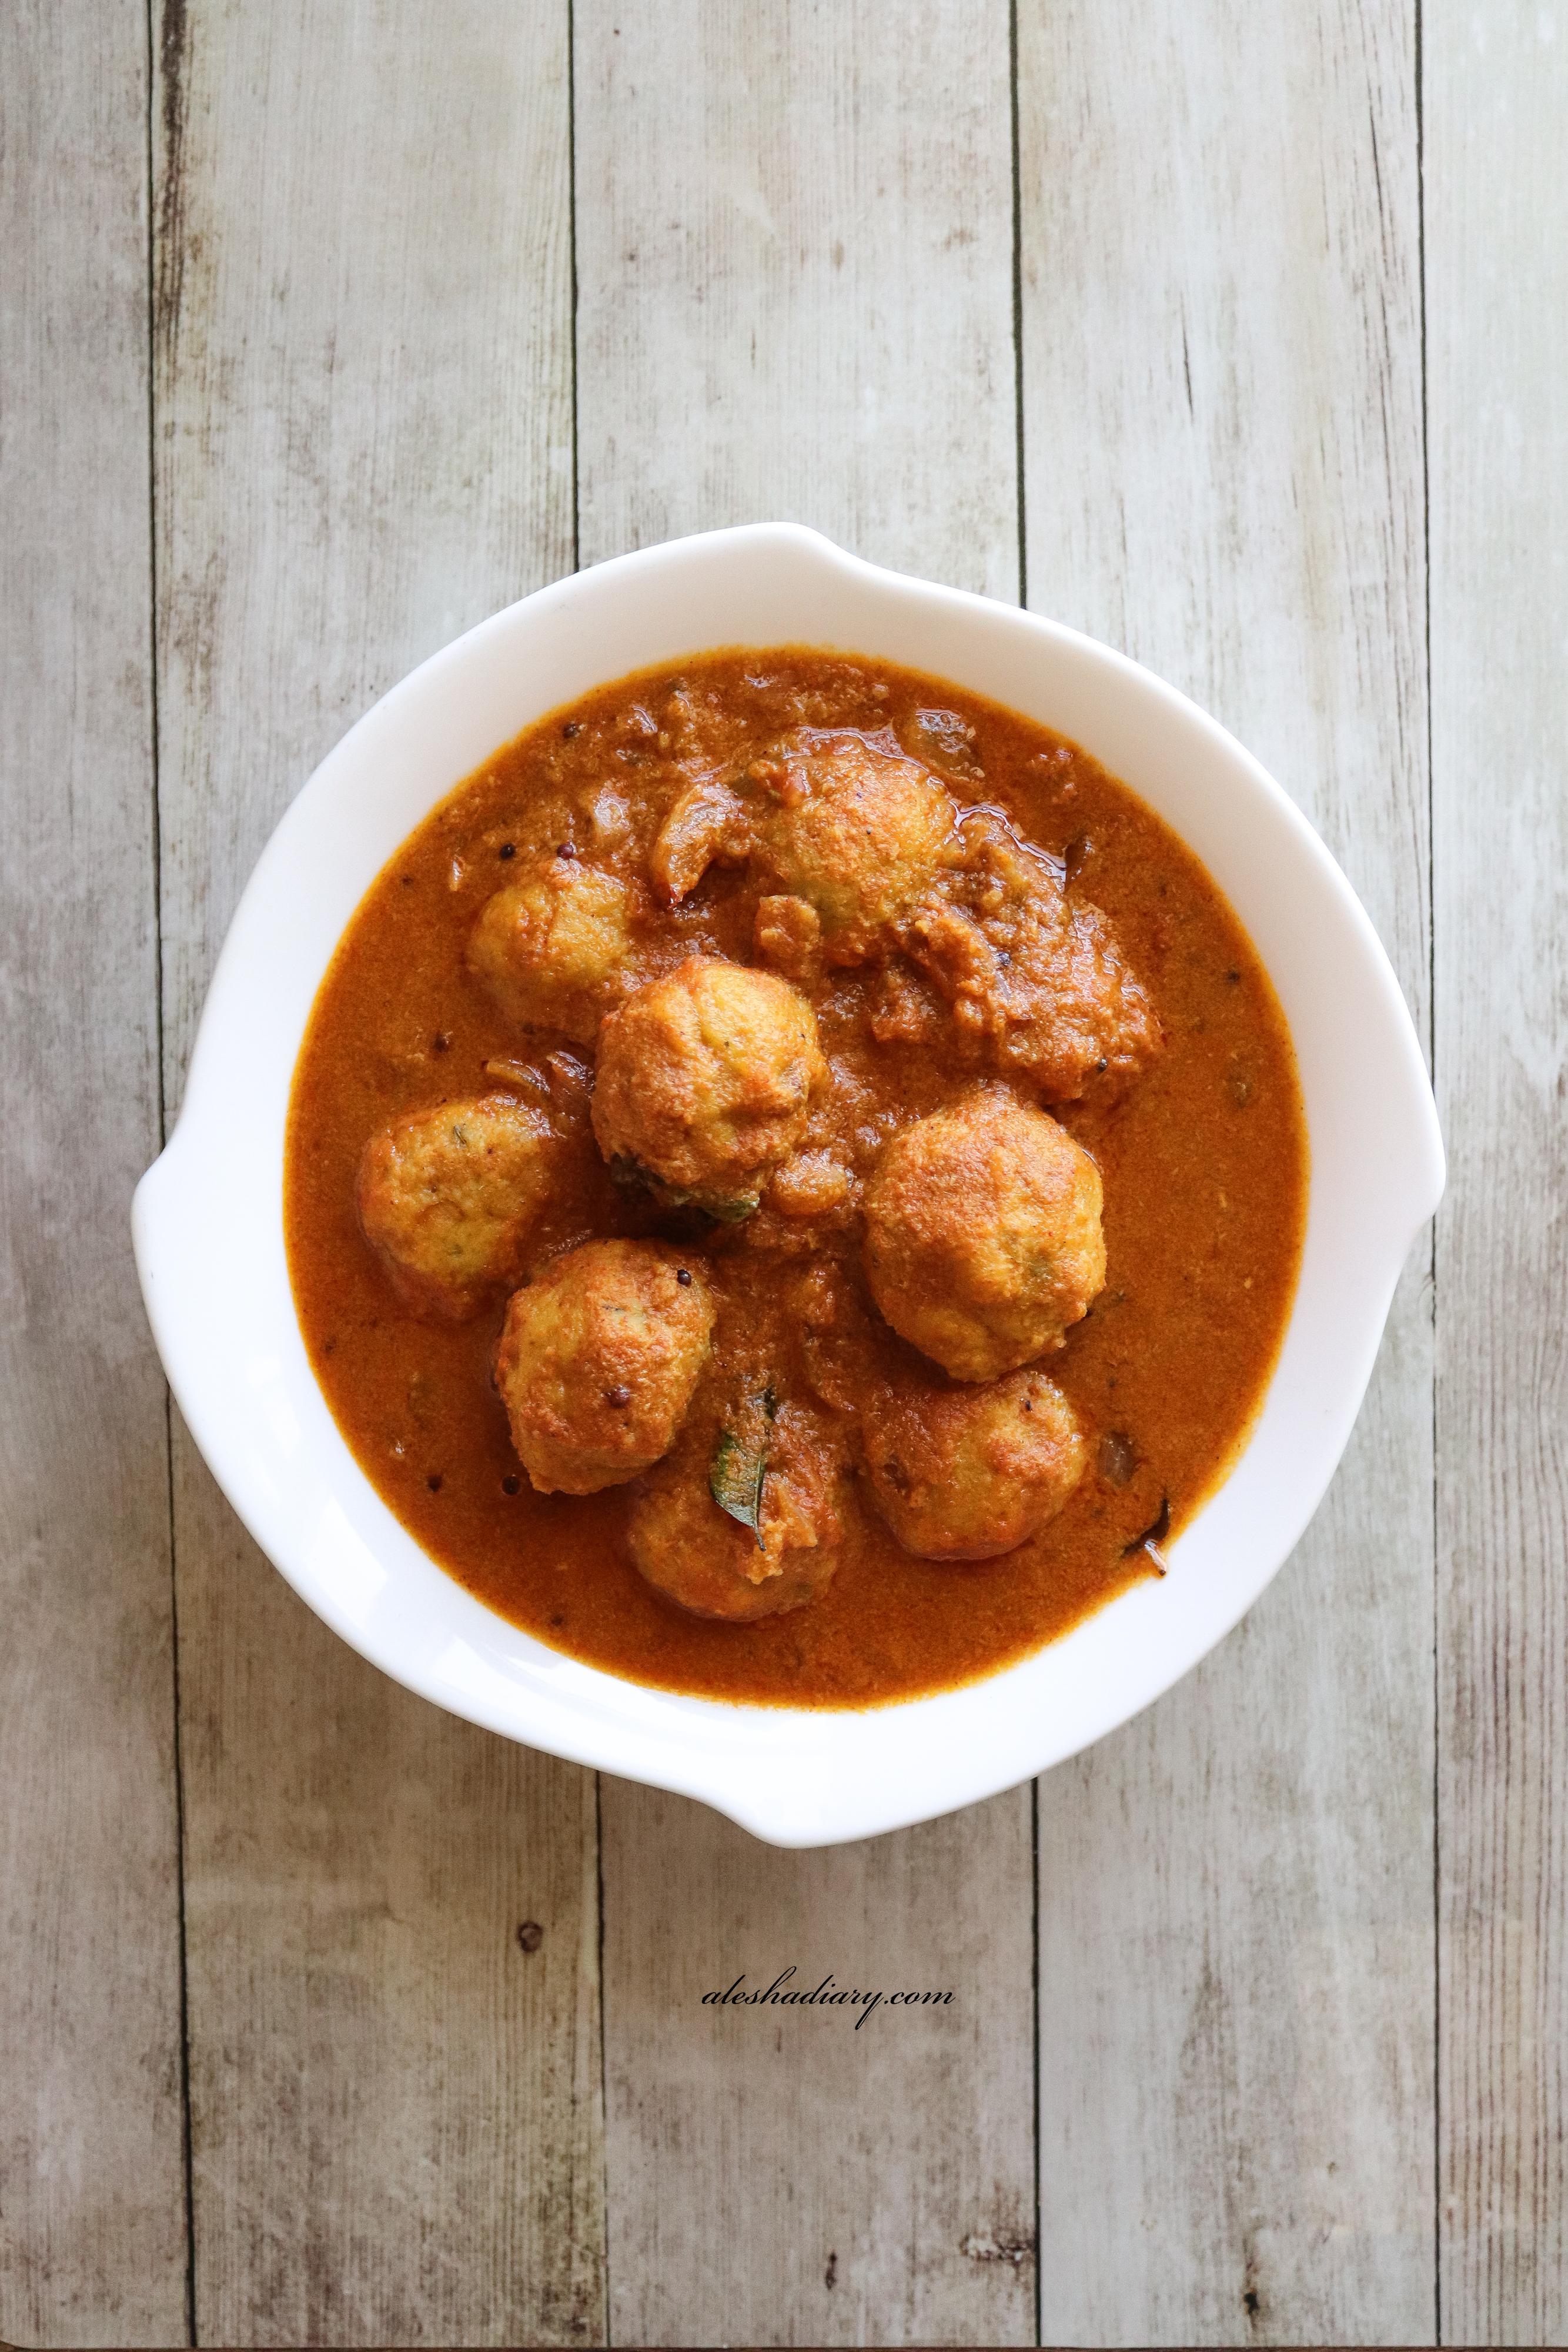 Paruppu urundai puli Kuzhambu – Steamed Dal balls curry